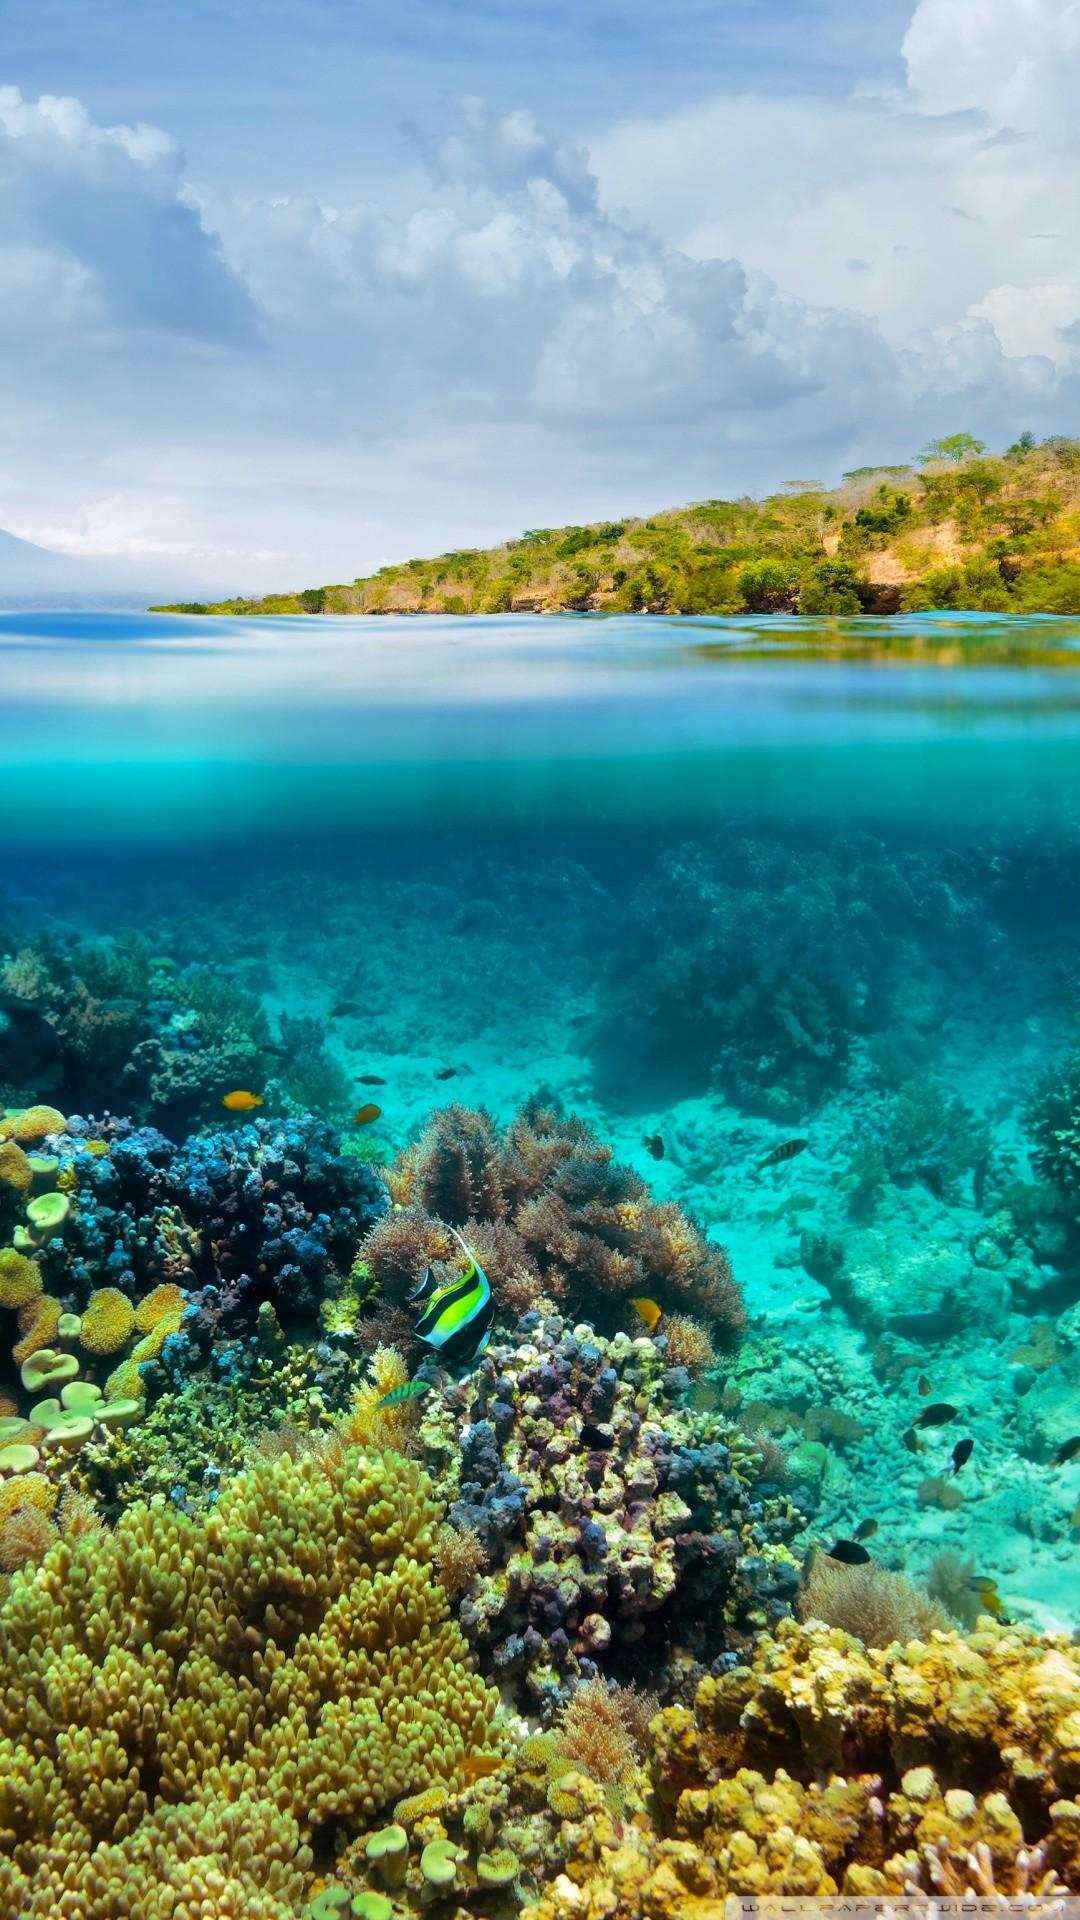 Free Half Underwater Half Above Water phone wallpaper by evanfreymann